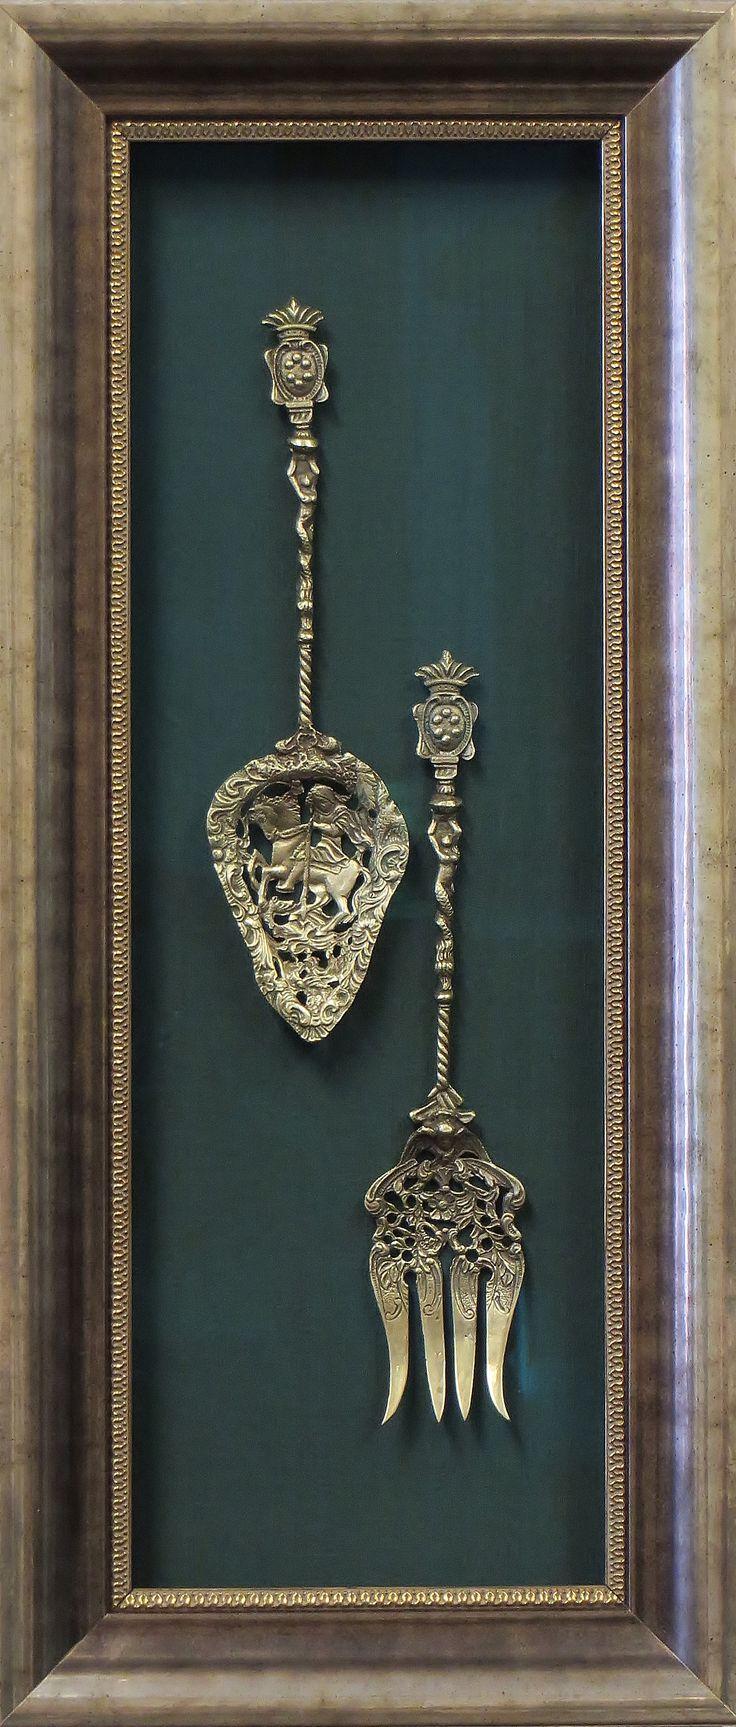 This antique brass serving set pops off a deep hunter green silk matboard. You…